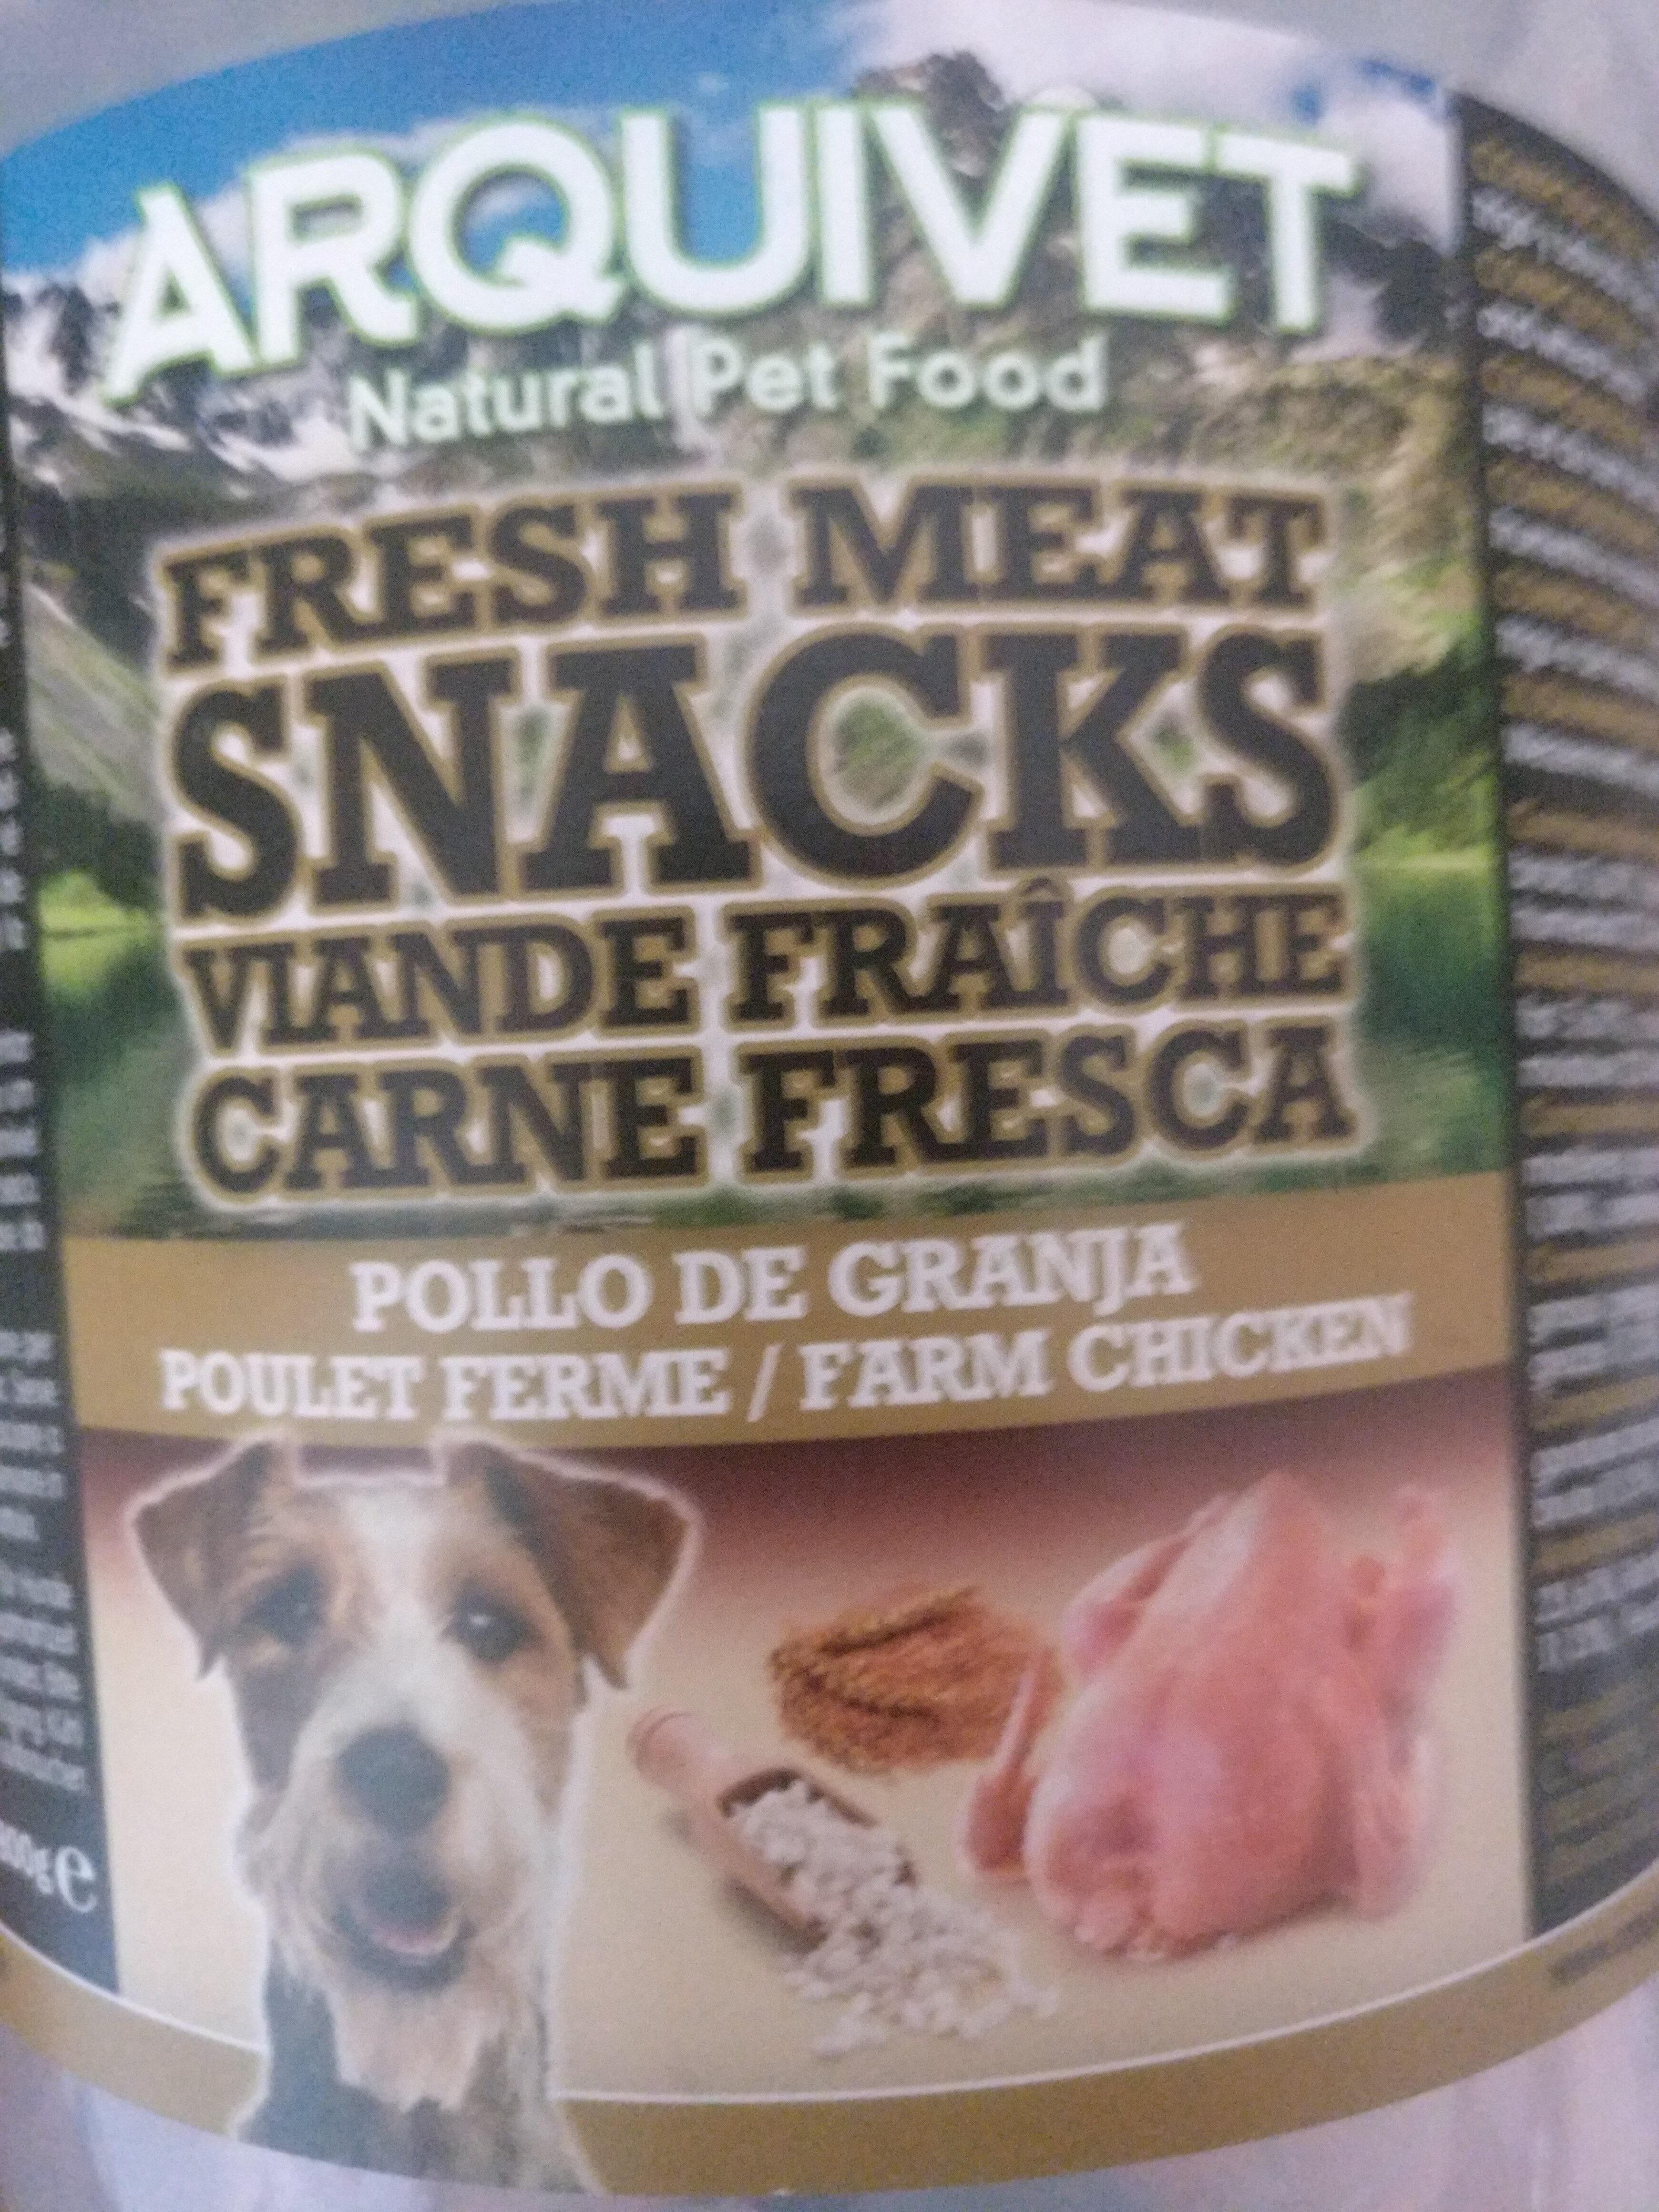 Arquivet natural pet food carne fresca - Product - es